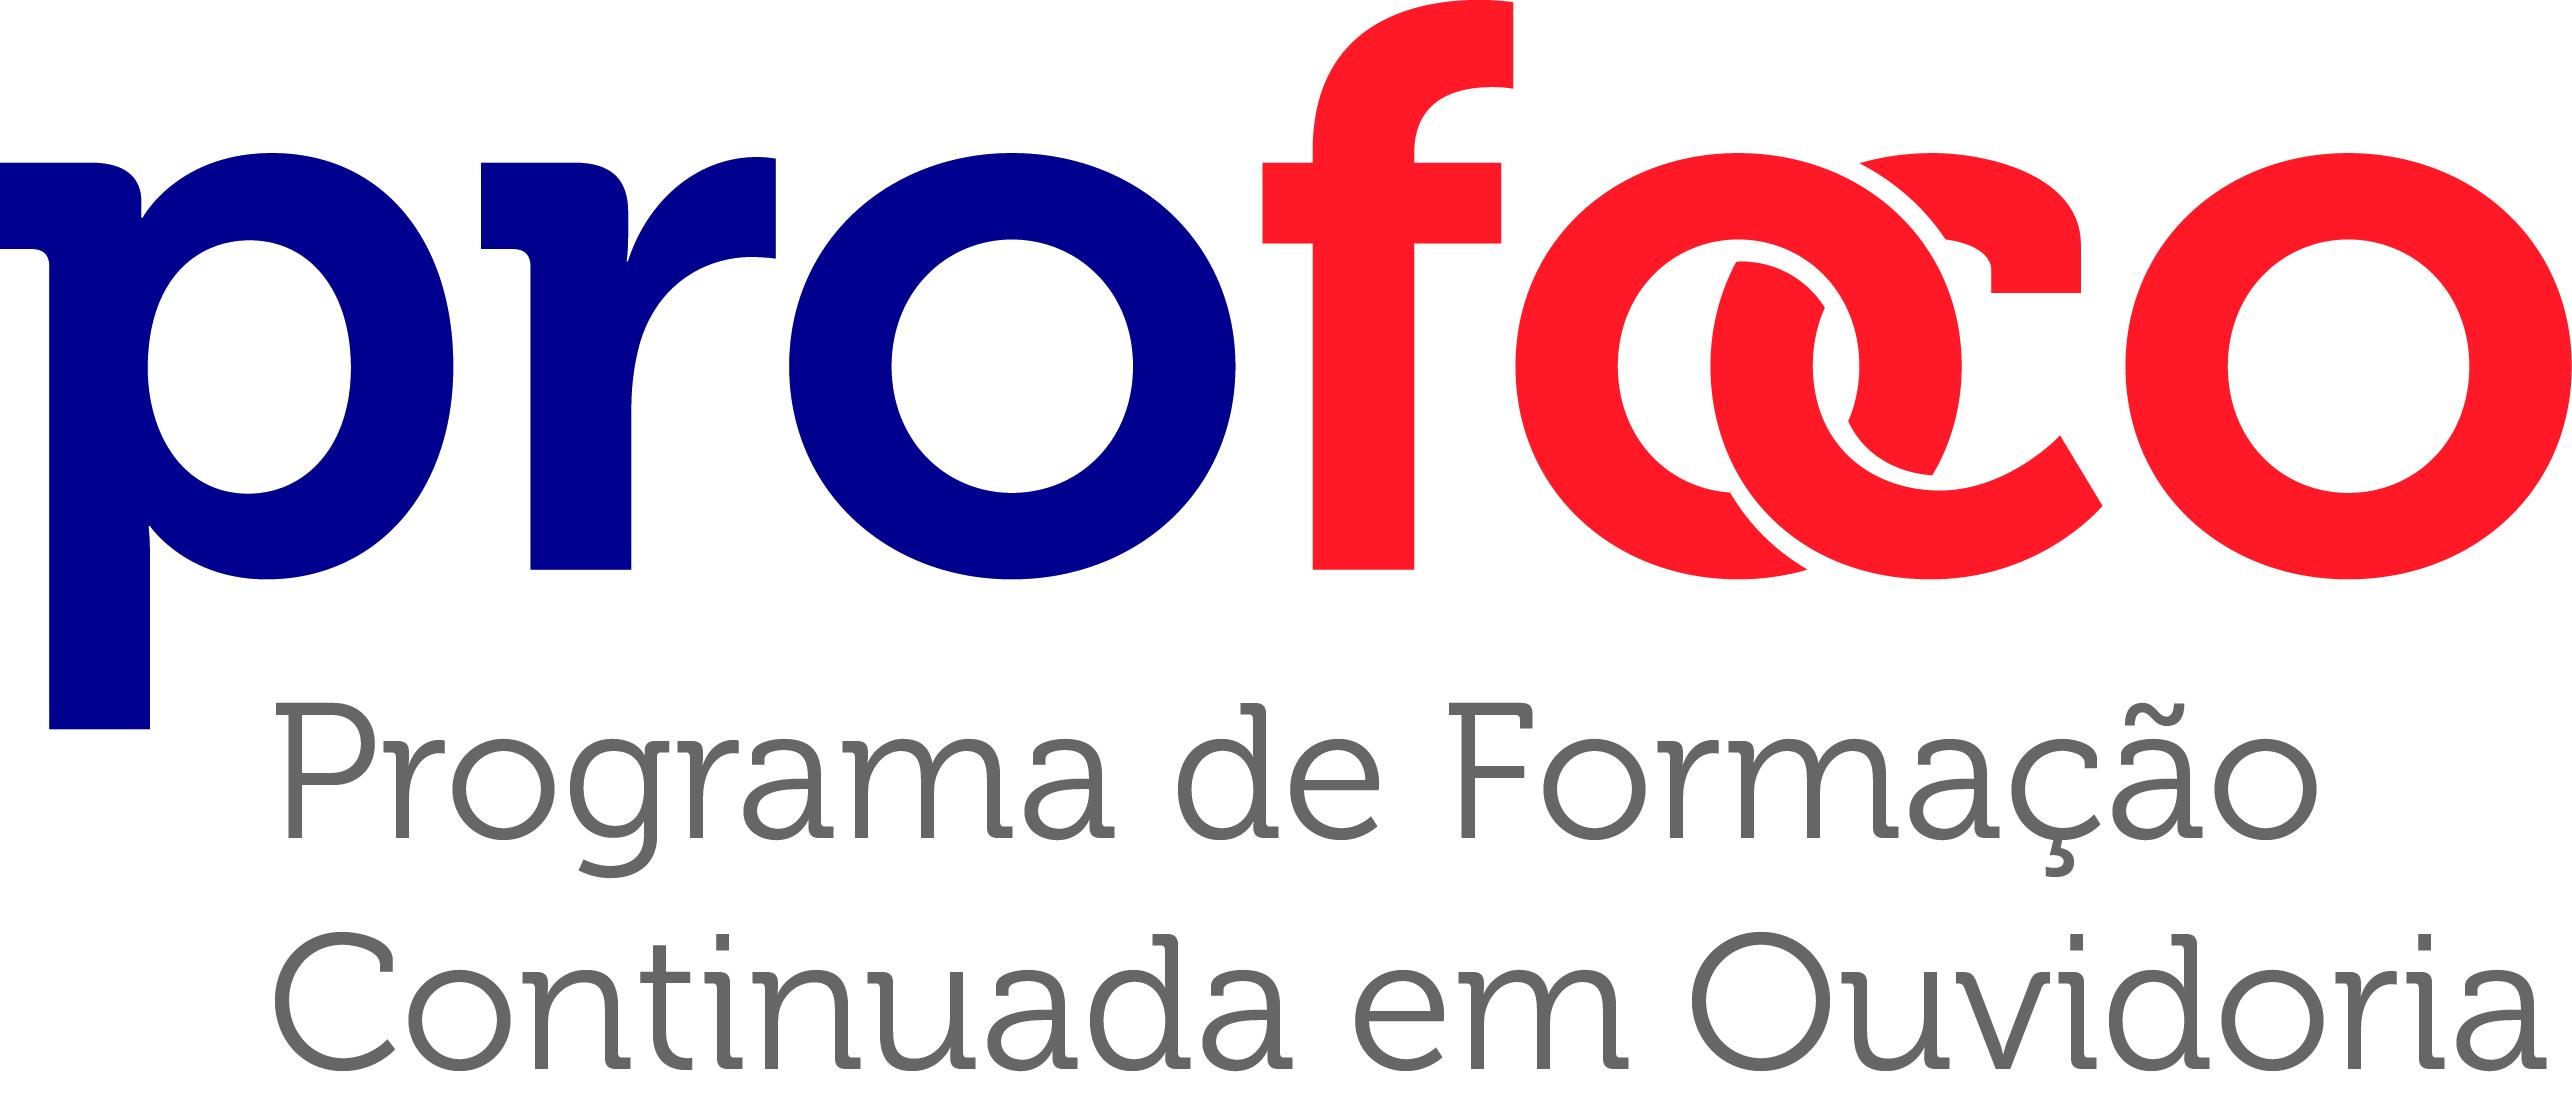 Curso Defesa do Usuário e Simplificação, no período de 2 a 4 de outubro de 2018, na cidade de Porto Alegre/RS